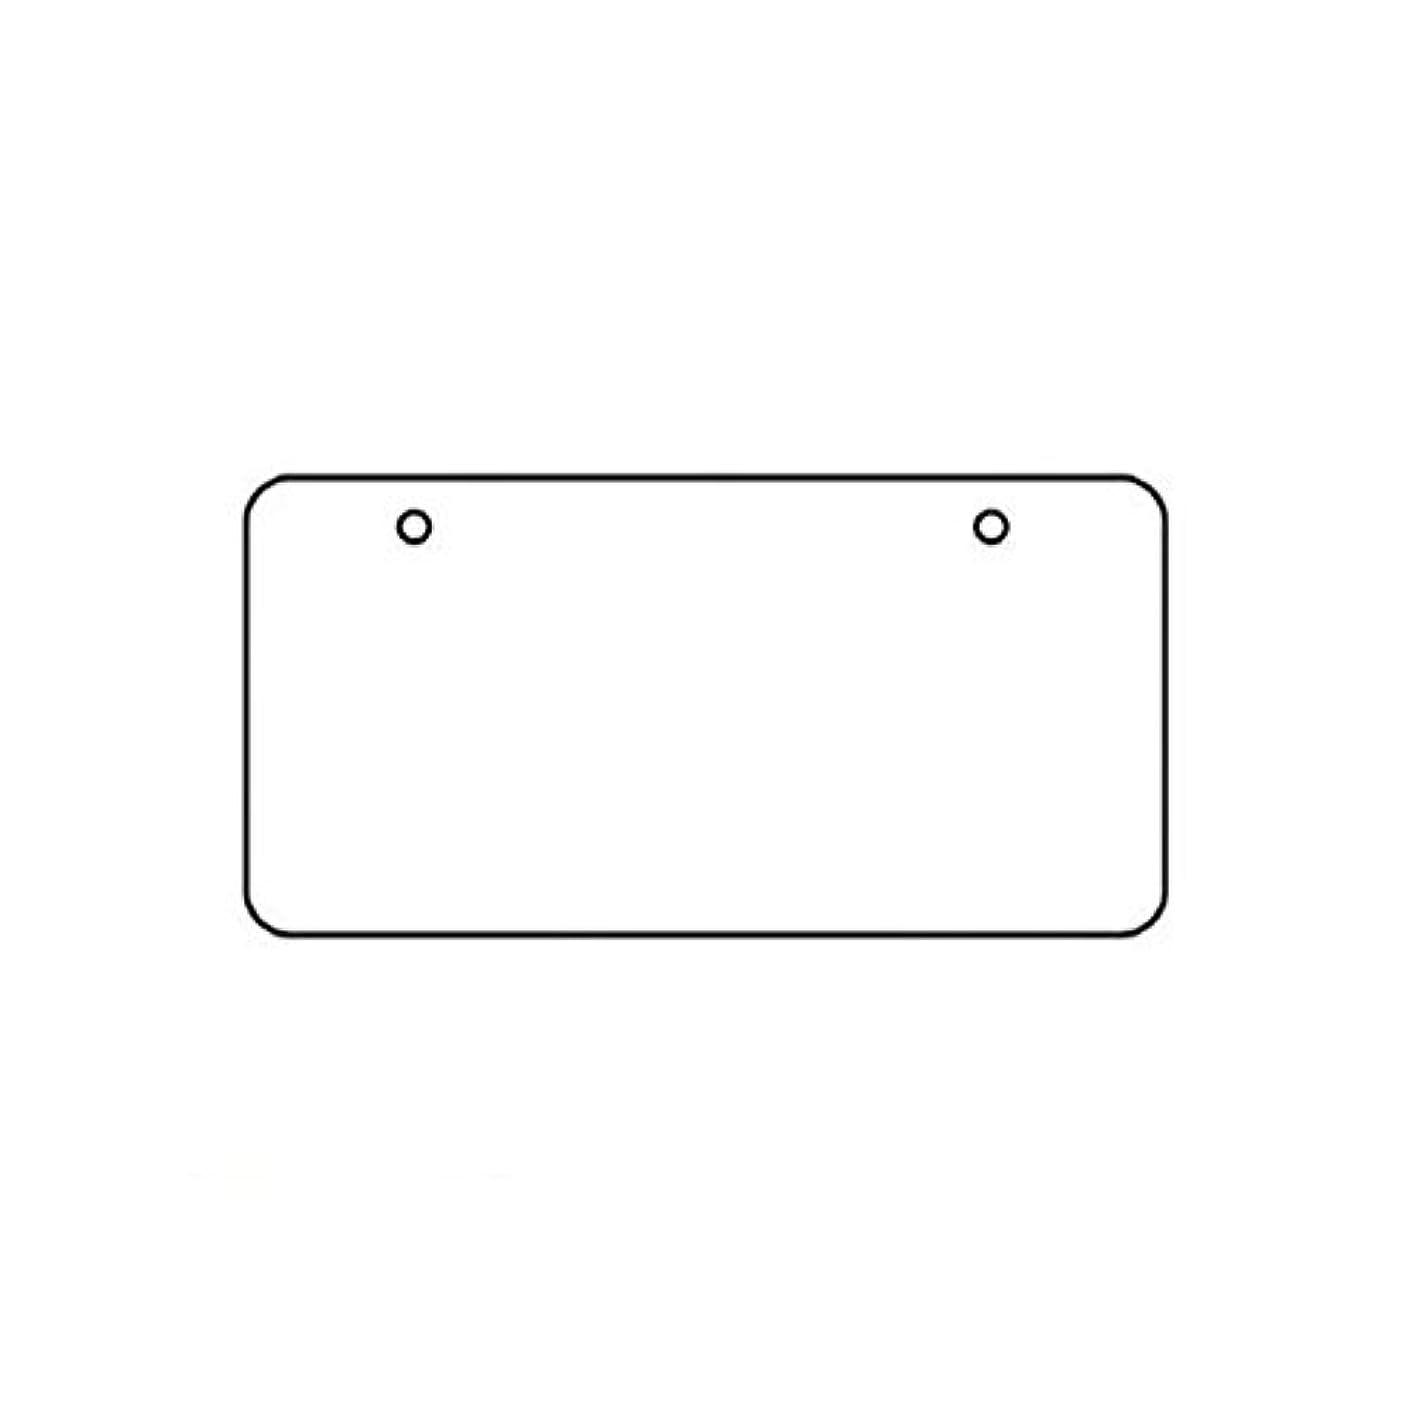 隠されたより良い満了DT59224 白無地板 10枚組 エコユニボード 40×80×2厚